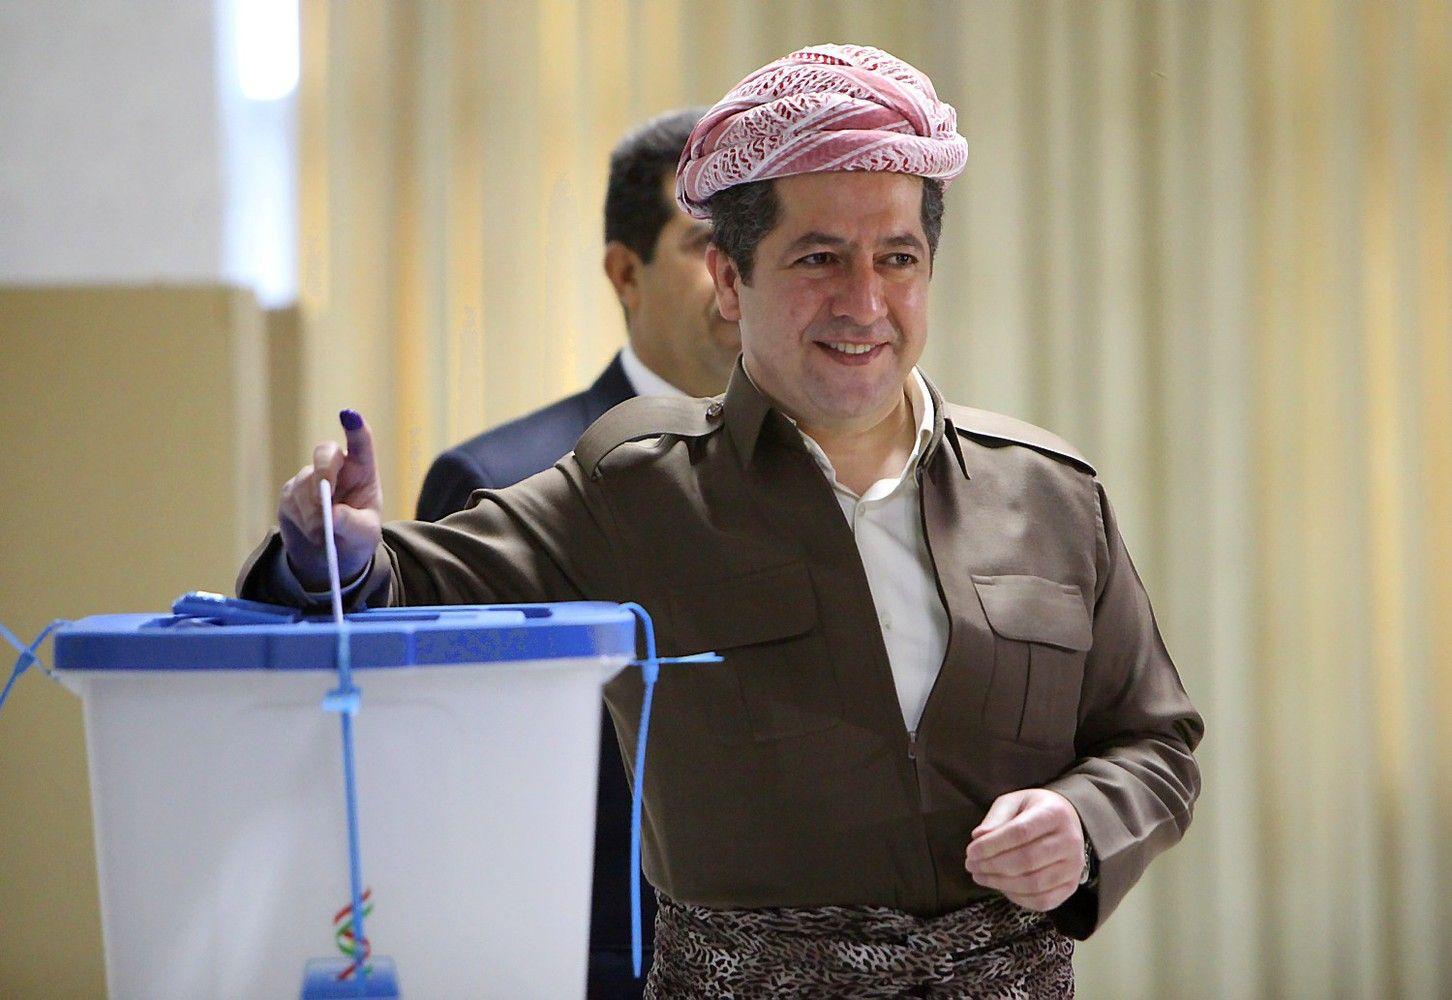 Irako kurdai balsuoja dėl nepriklausomybės, kaimynės didina spaudimą